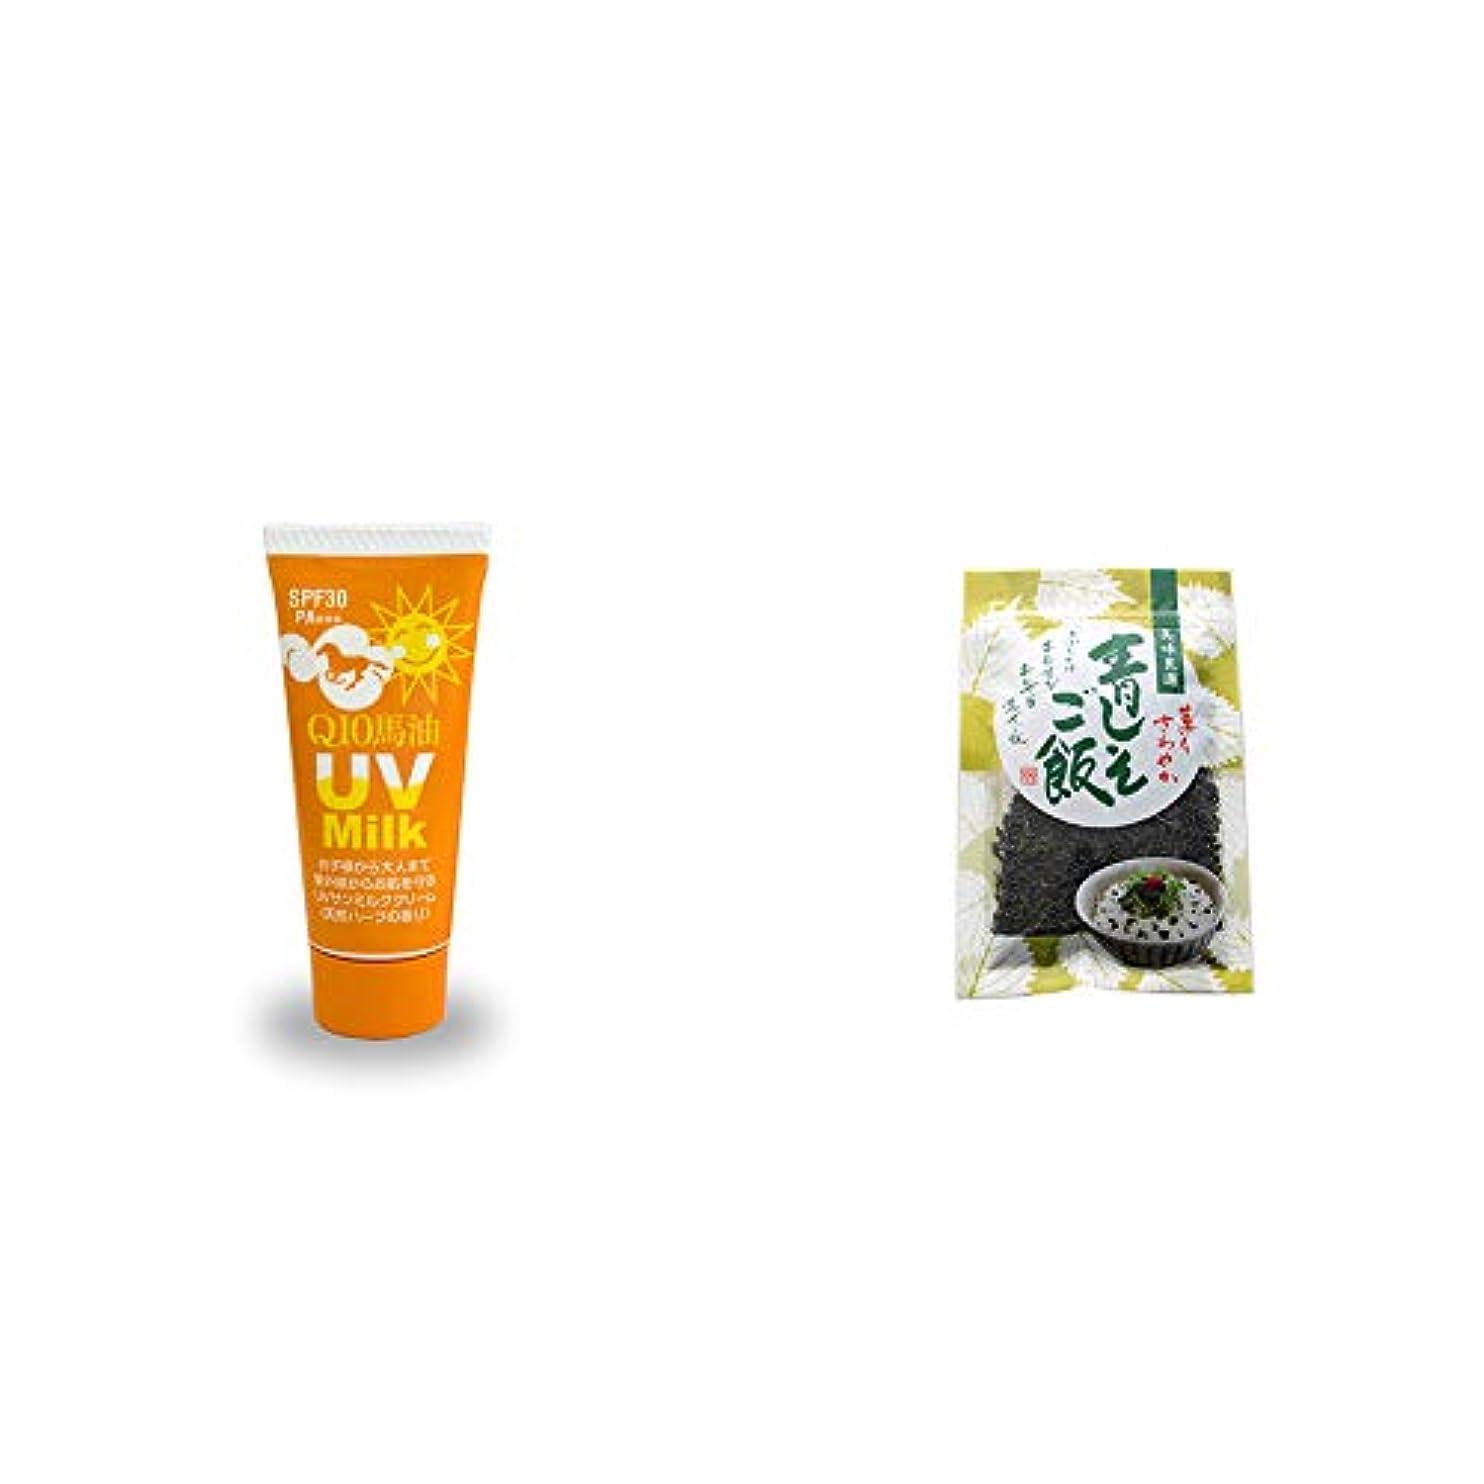 牽引舌な更新[2点セット] 炭黒泉 Q10馬油 UVサンミルク[天然ハーブ](40g)?薫りさわやか 青しそご飯(80g)